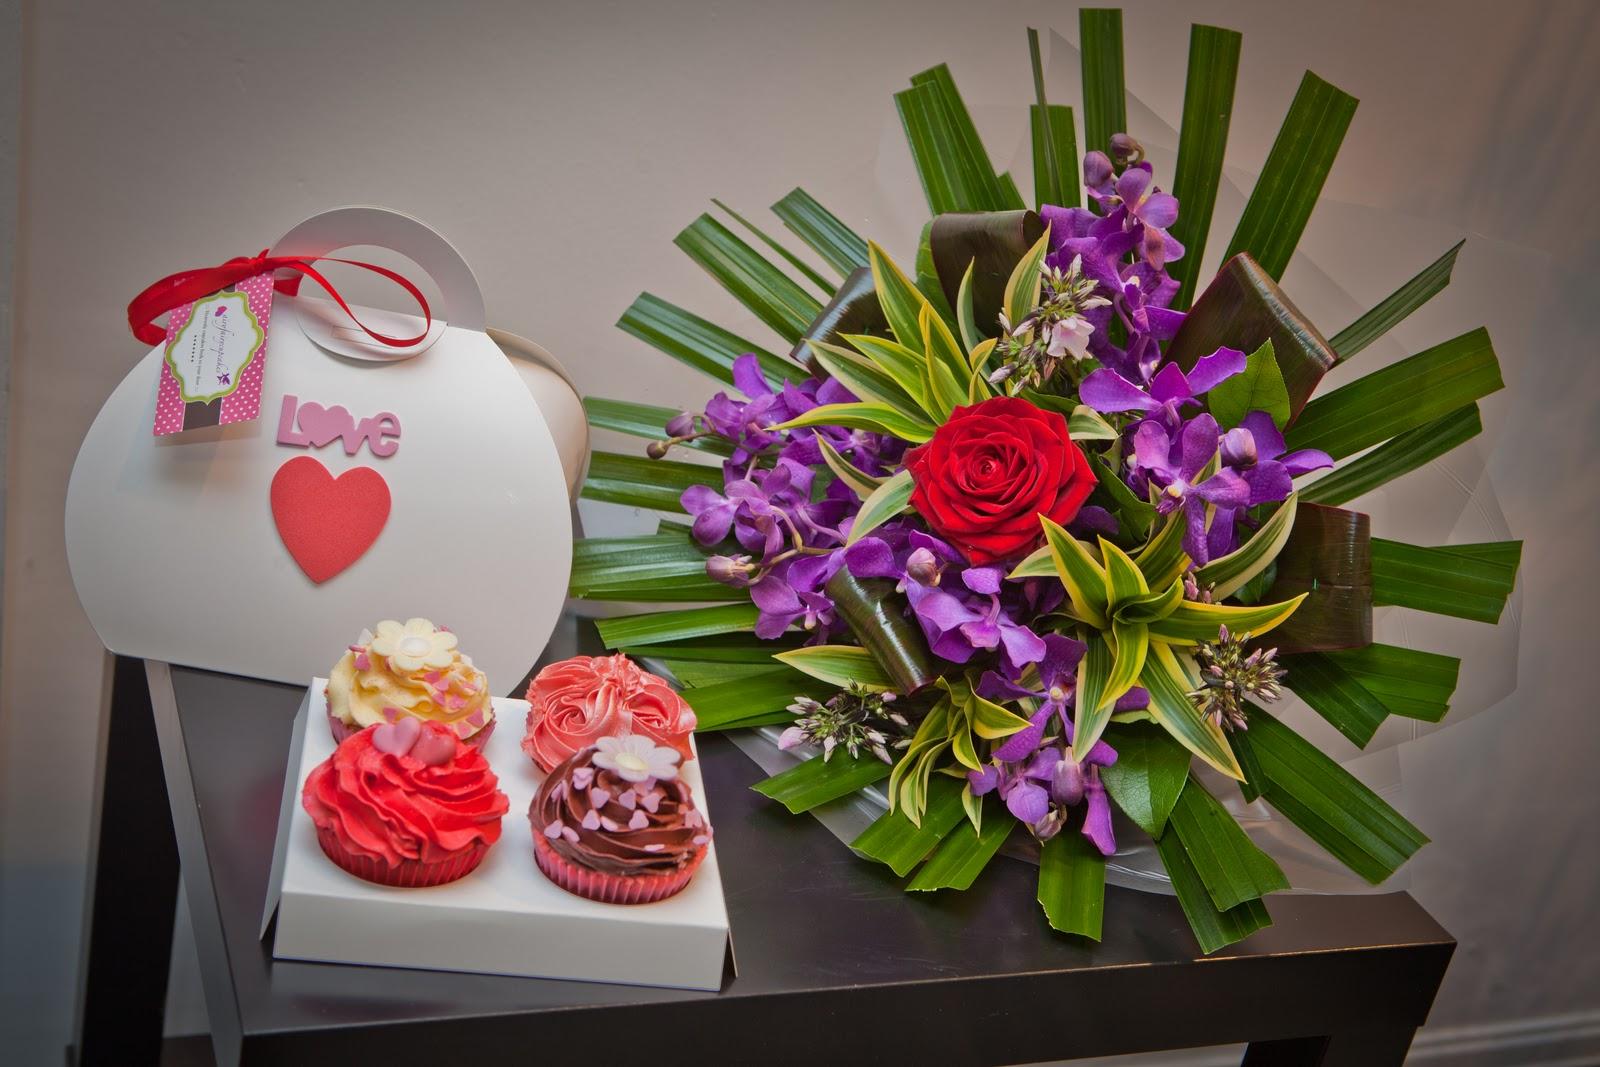 http://2.bp.blogspot.com/_XhTGkcTWKXU/TTyKSP45nrI/AAAAAAAAAPQ/7INKtH9AXXk/s1600/flower_lounge_promo_hires_017.jpg